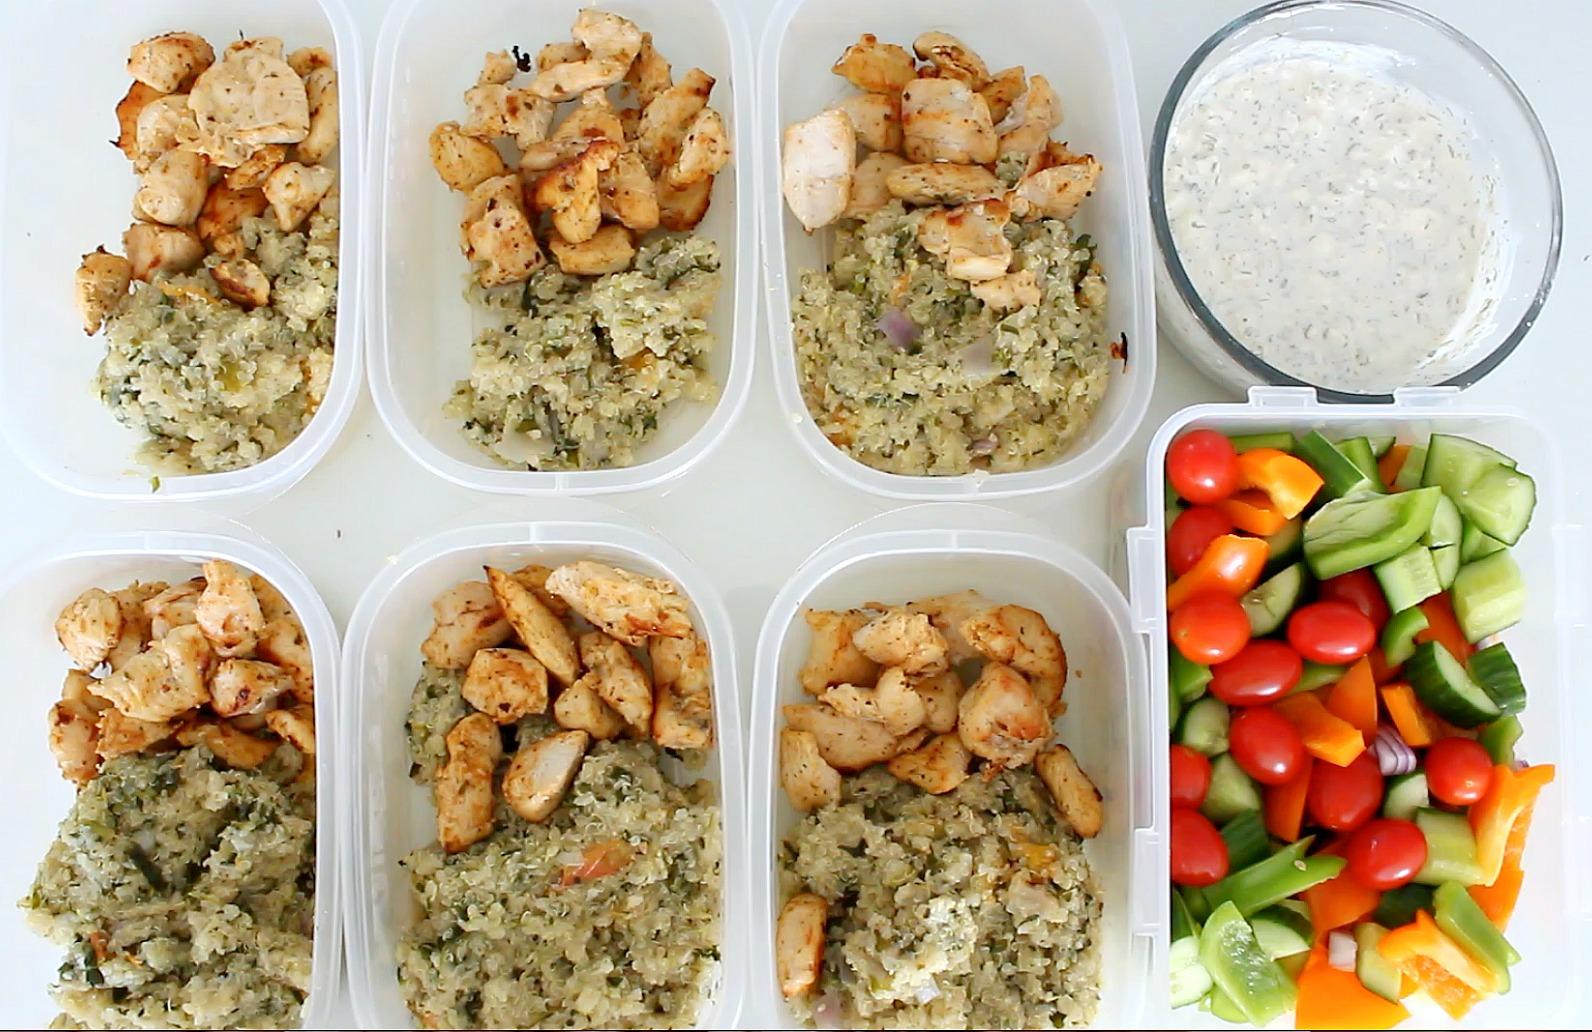 Samantha Jane: Easy Meal Prep: Greek Chicken & Quinoa